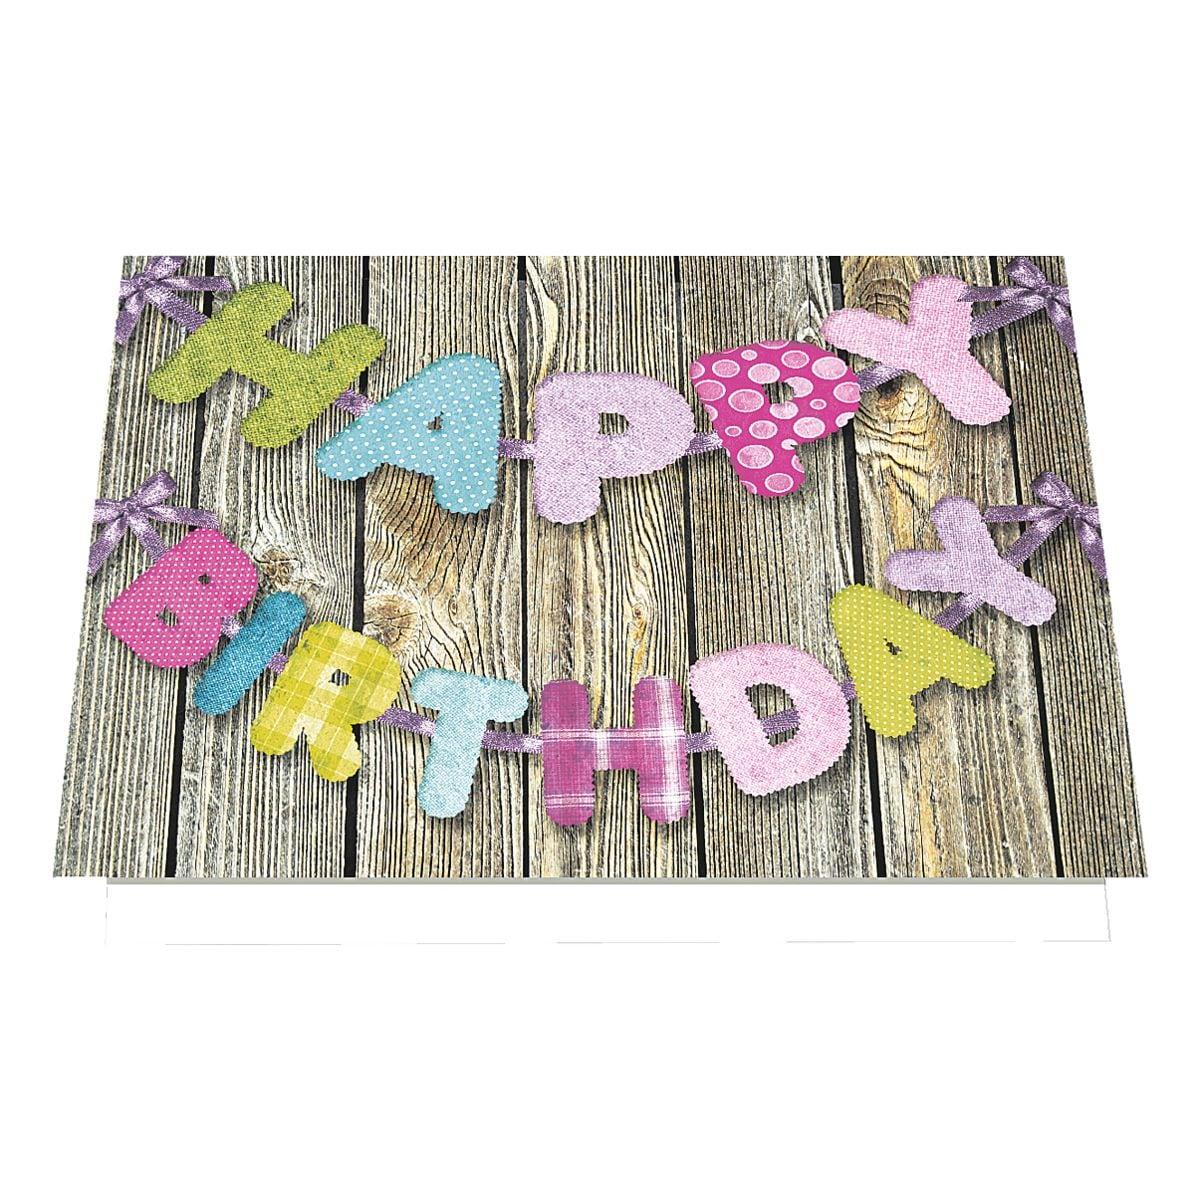 Grußkarte LUMA KARTENEDITION Happy Birthday, Sonderformat, mit Umschlag, 6 Stück